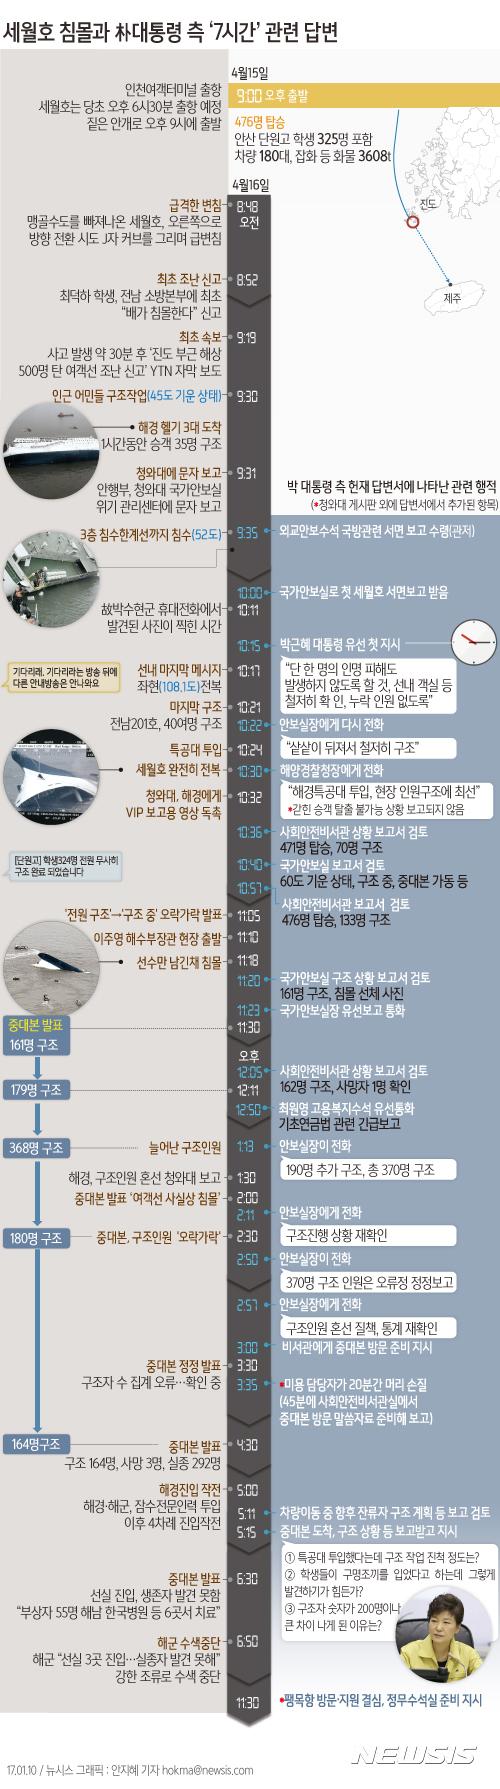 【서울=뉴시스】안지혜 기자 = 박 대통령 대리인단은 10일 열린 3차 변론에서 A4용지 16장 분량의 '세월호 7시간'에 대한 답변을 내놨다.  hokma@newsis.com